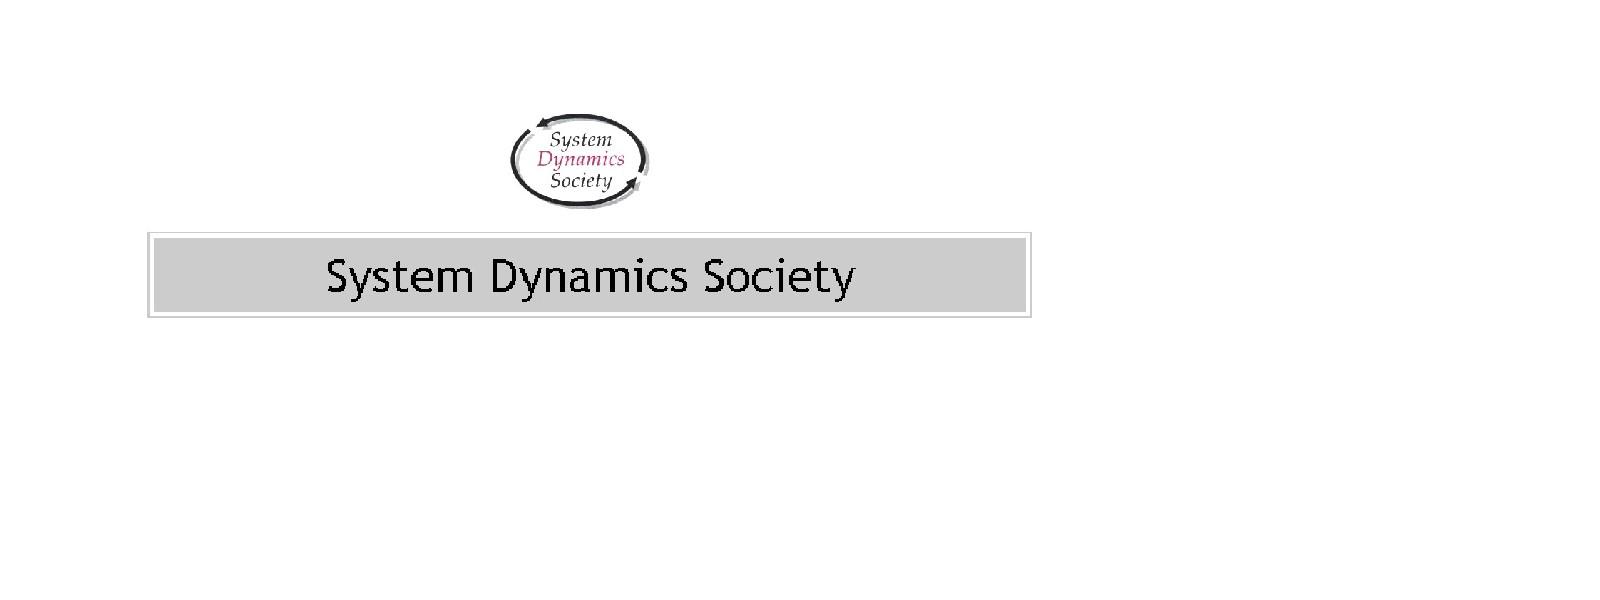 System Dynamics Society Logo